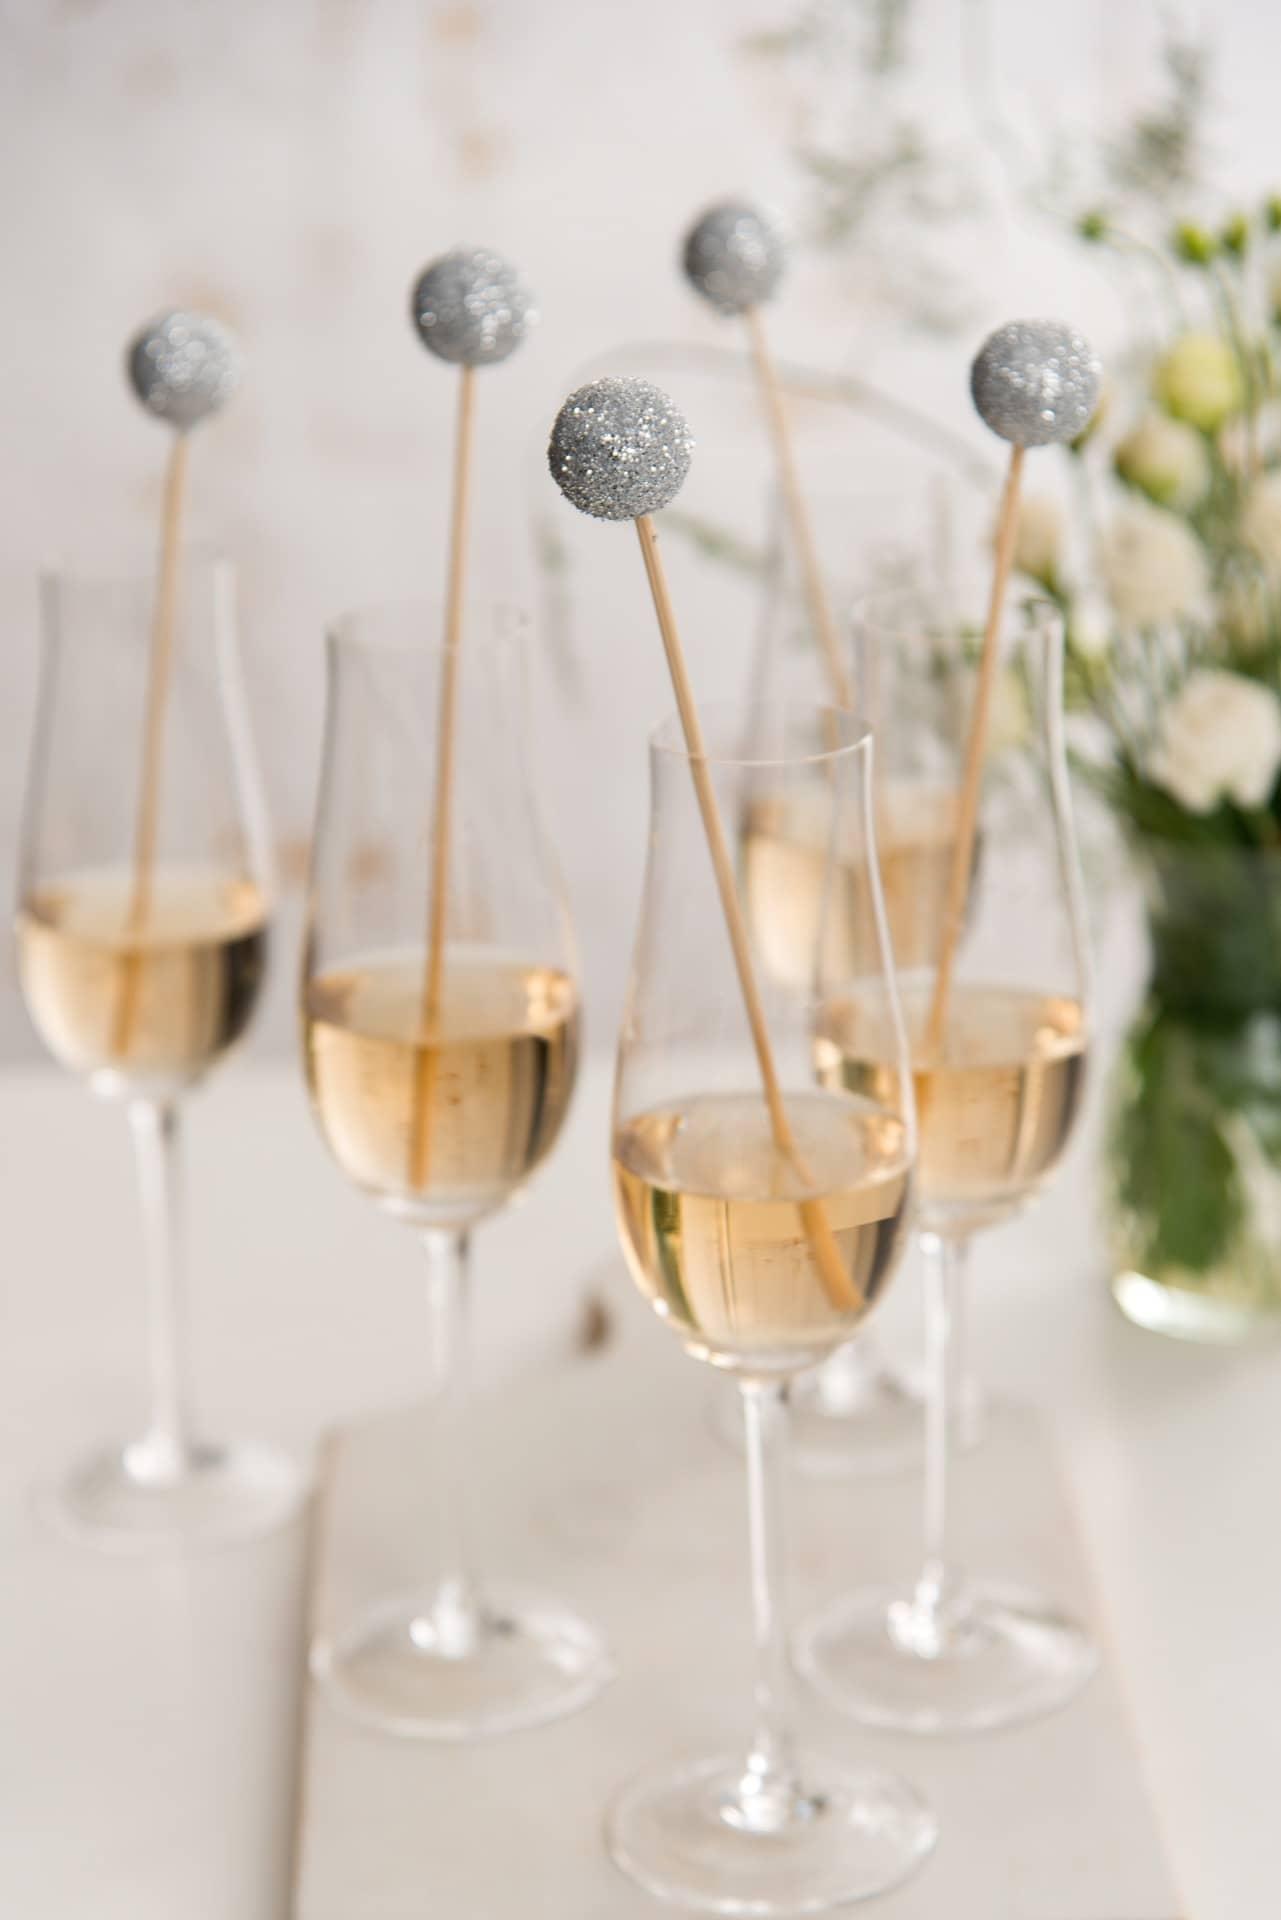 Imagem: O enfeite para drink de Ano Novo está pronto. Agora é só brindar, com a família e os amigos, em grande estilo!Foto: Cacá Bratke.